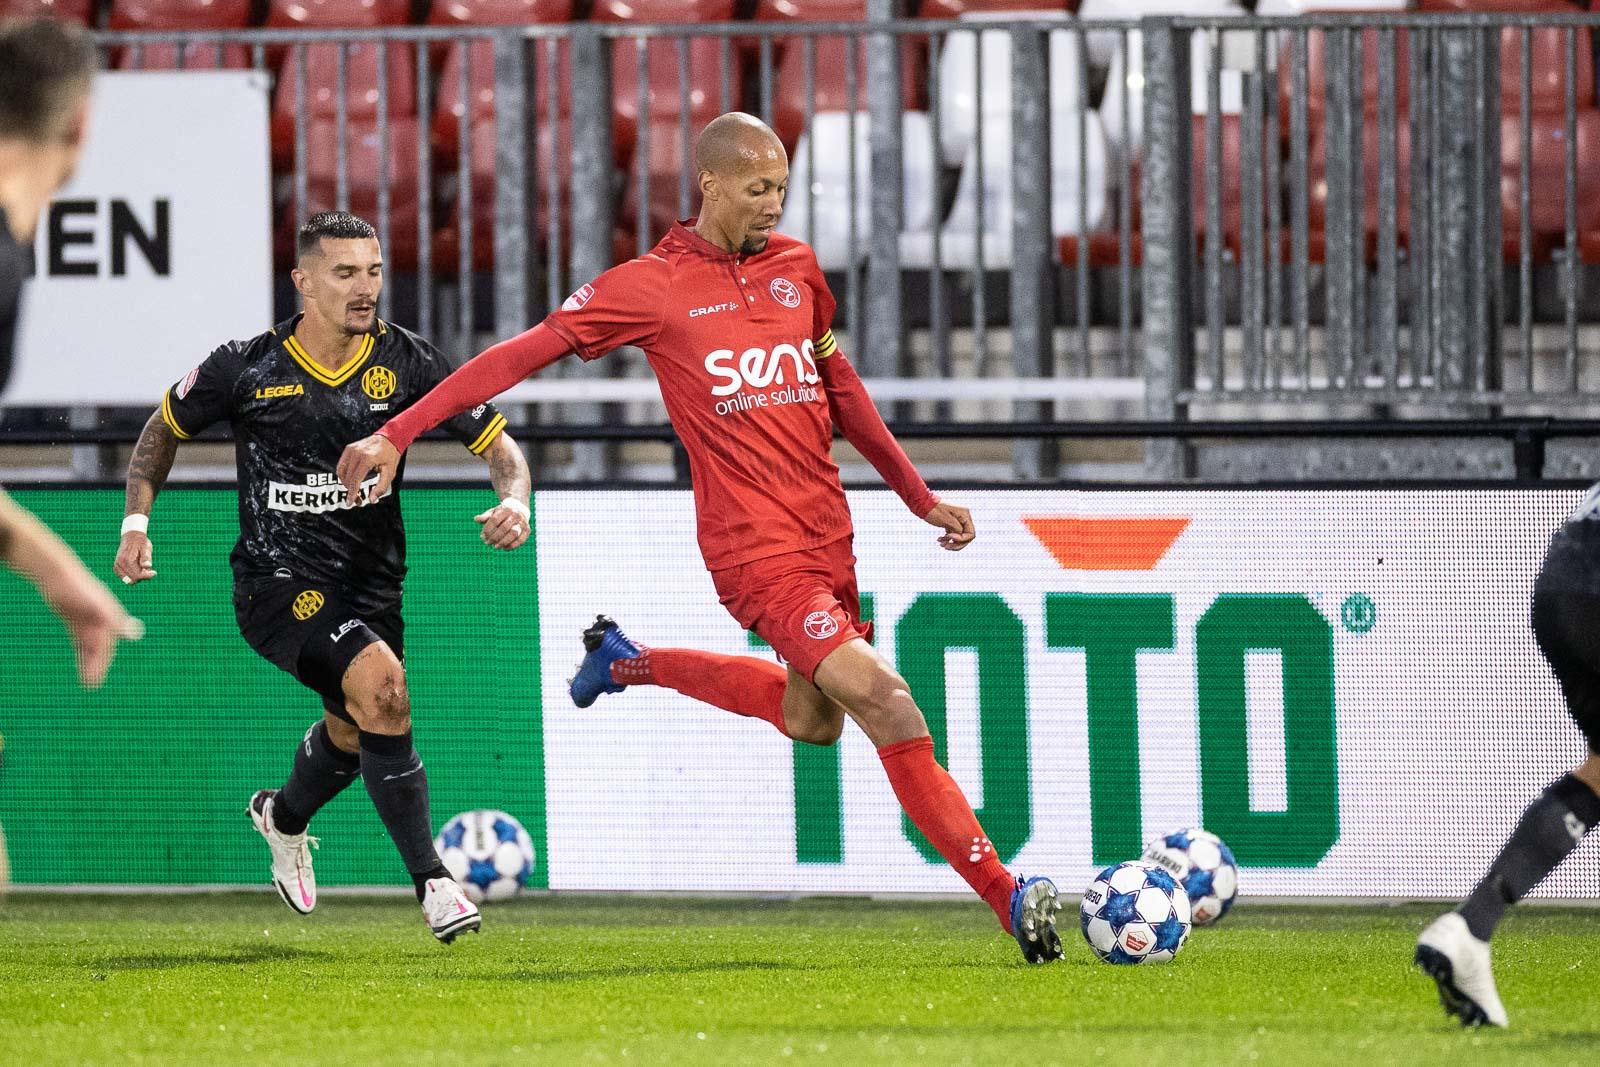 Koolwijk en Almere City FC ontbinden contract